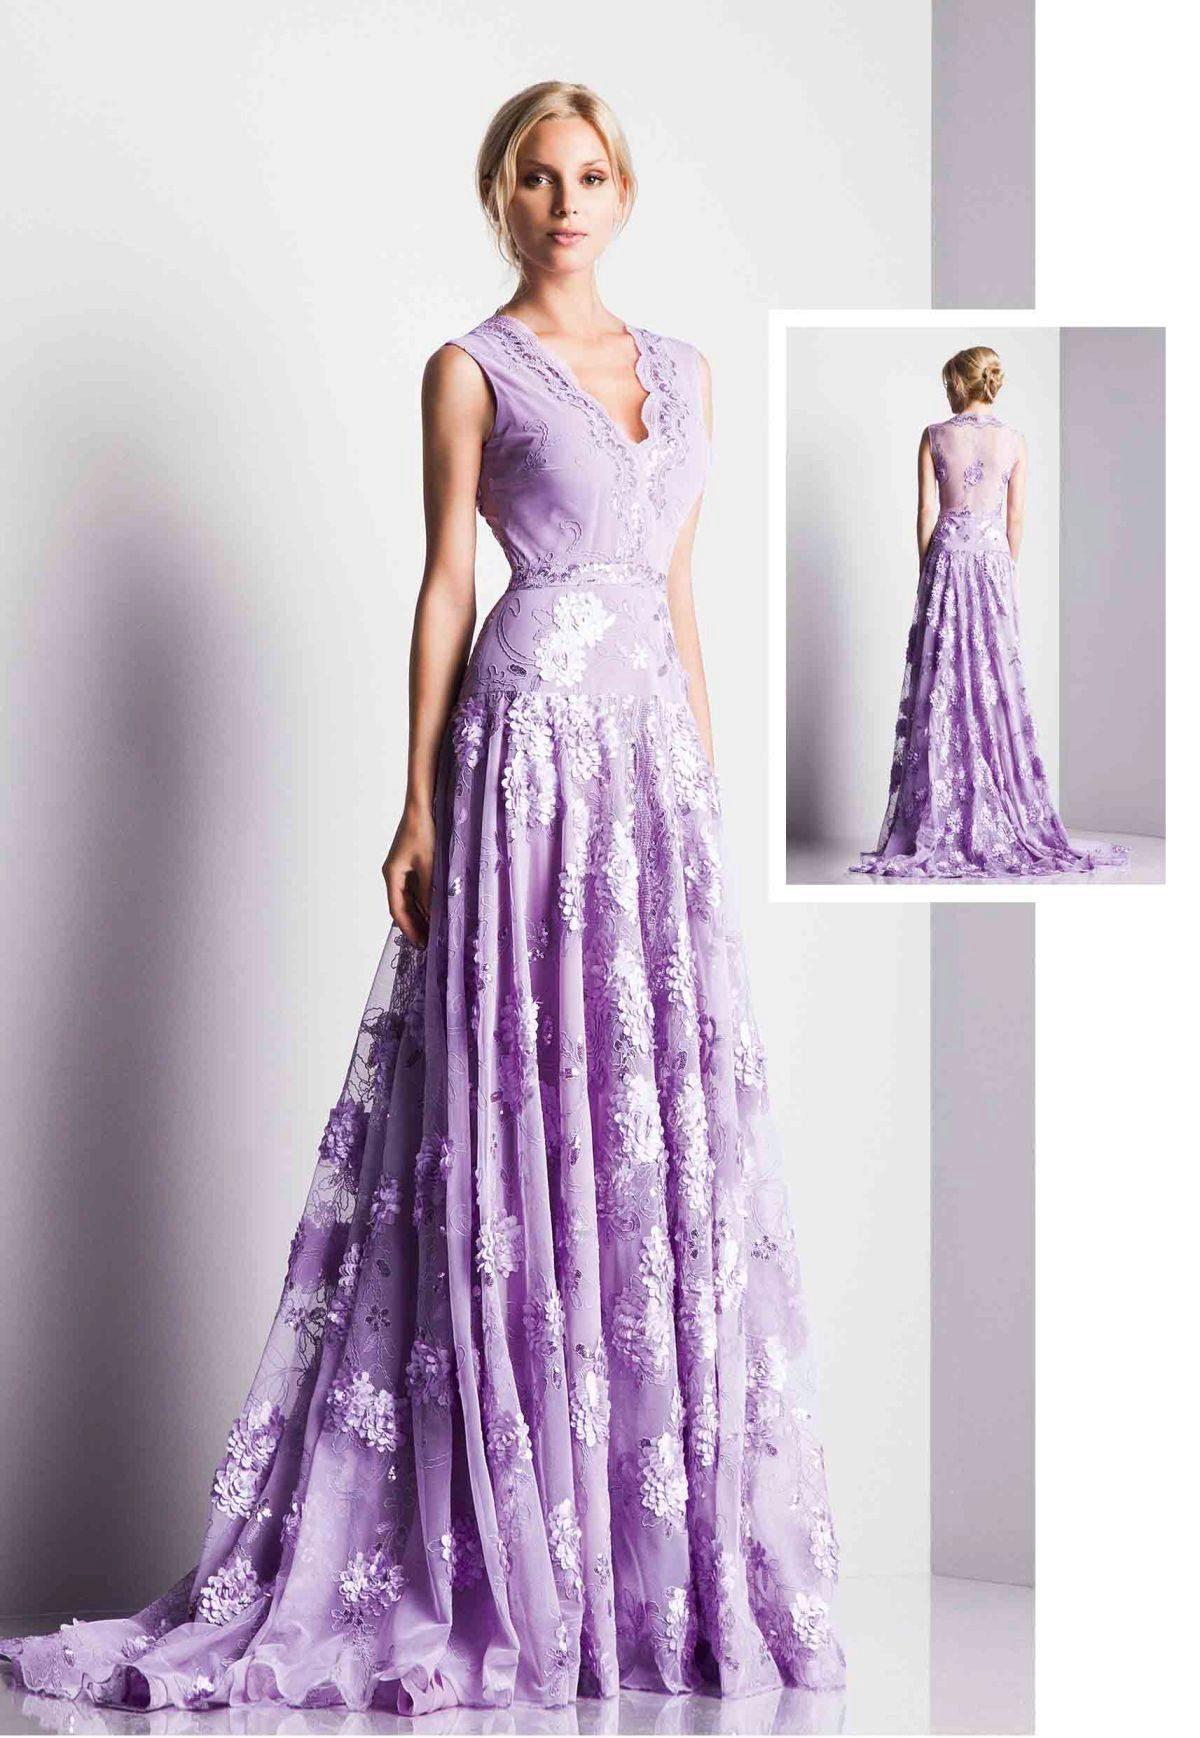 лилового цвета платье фото